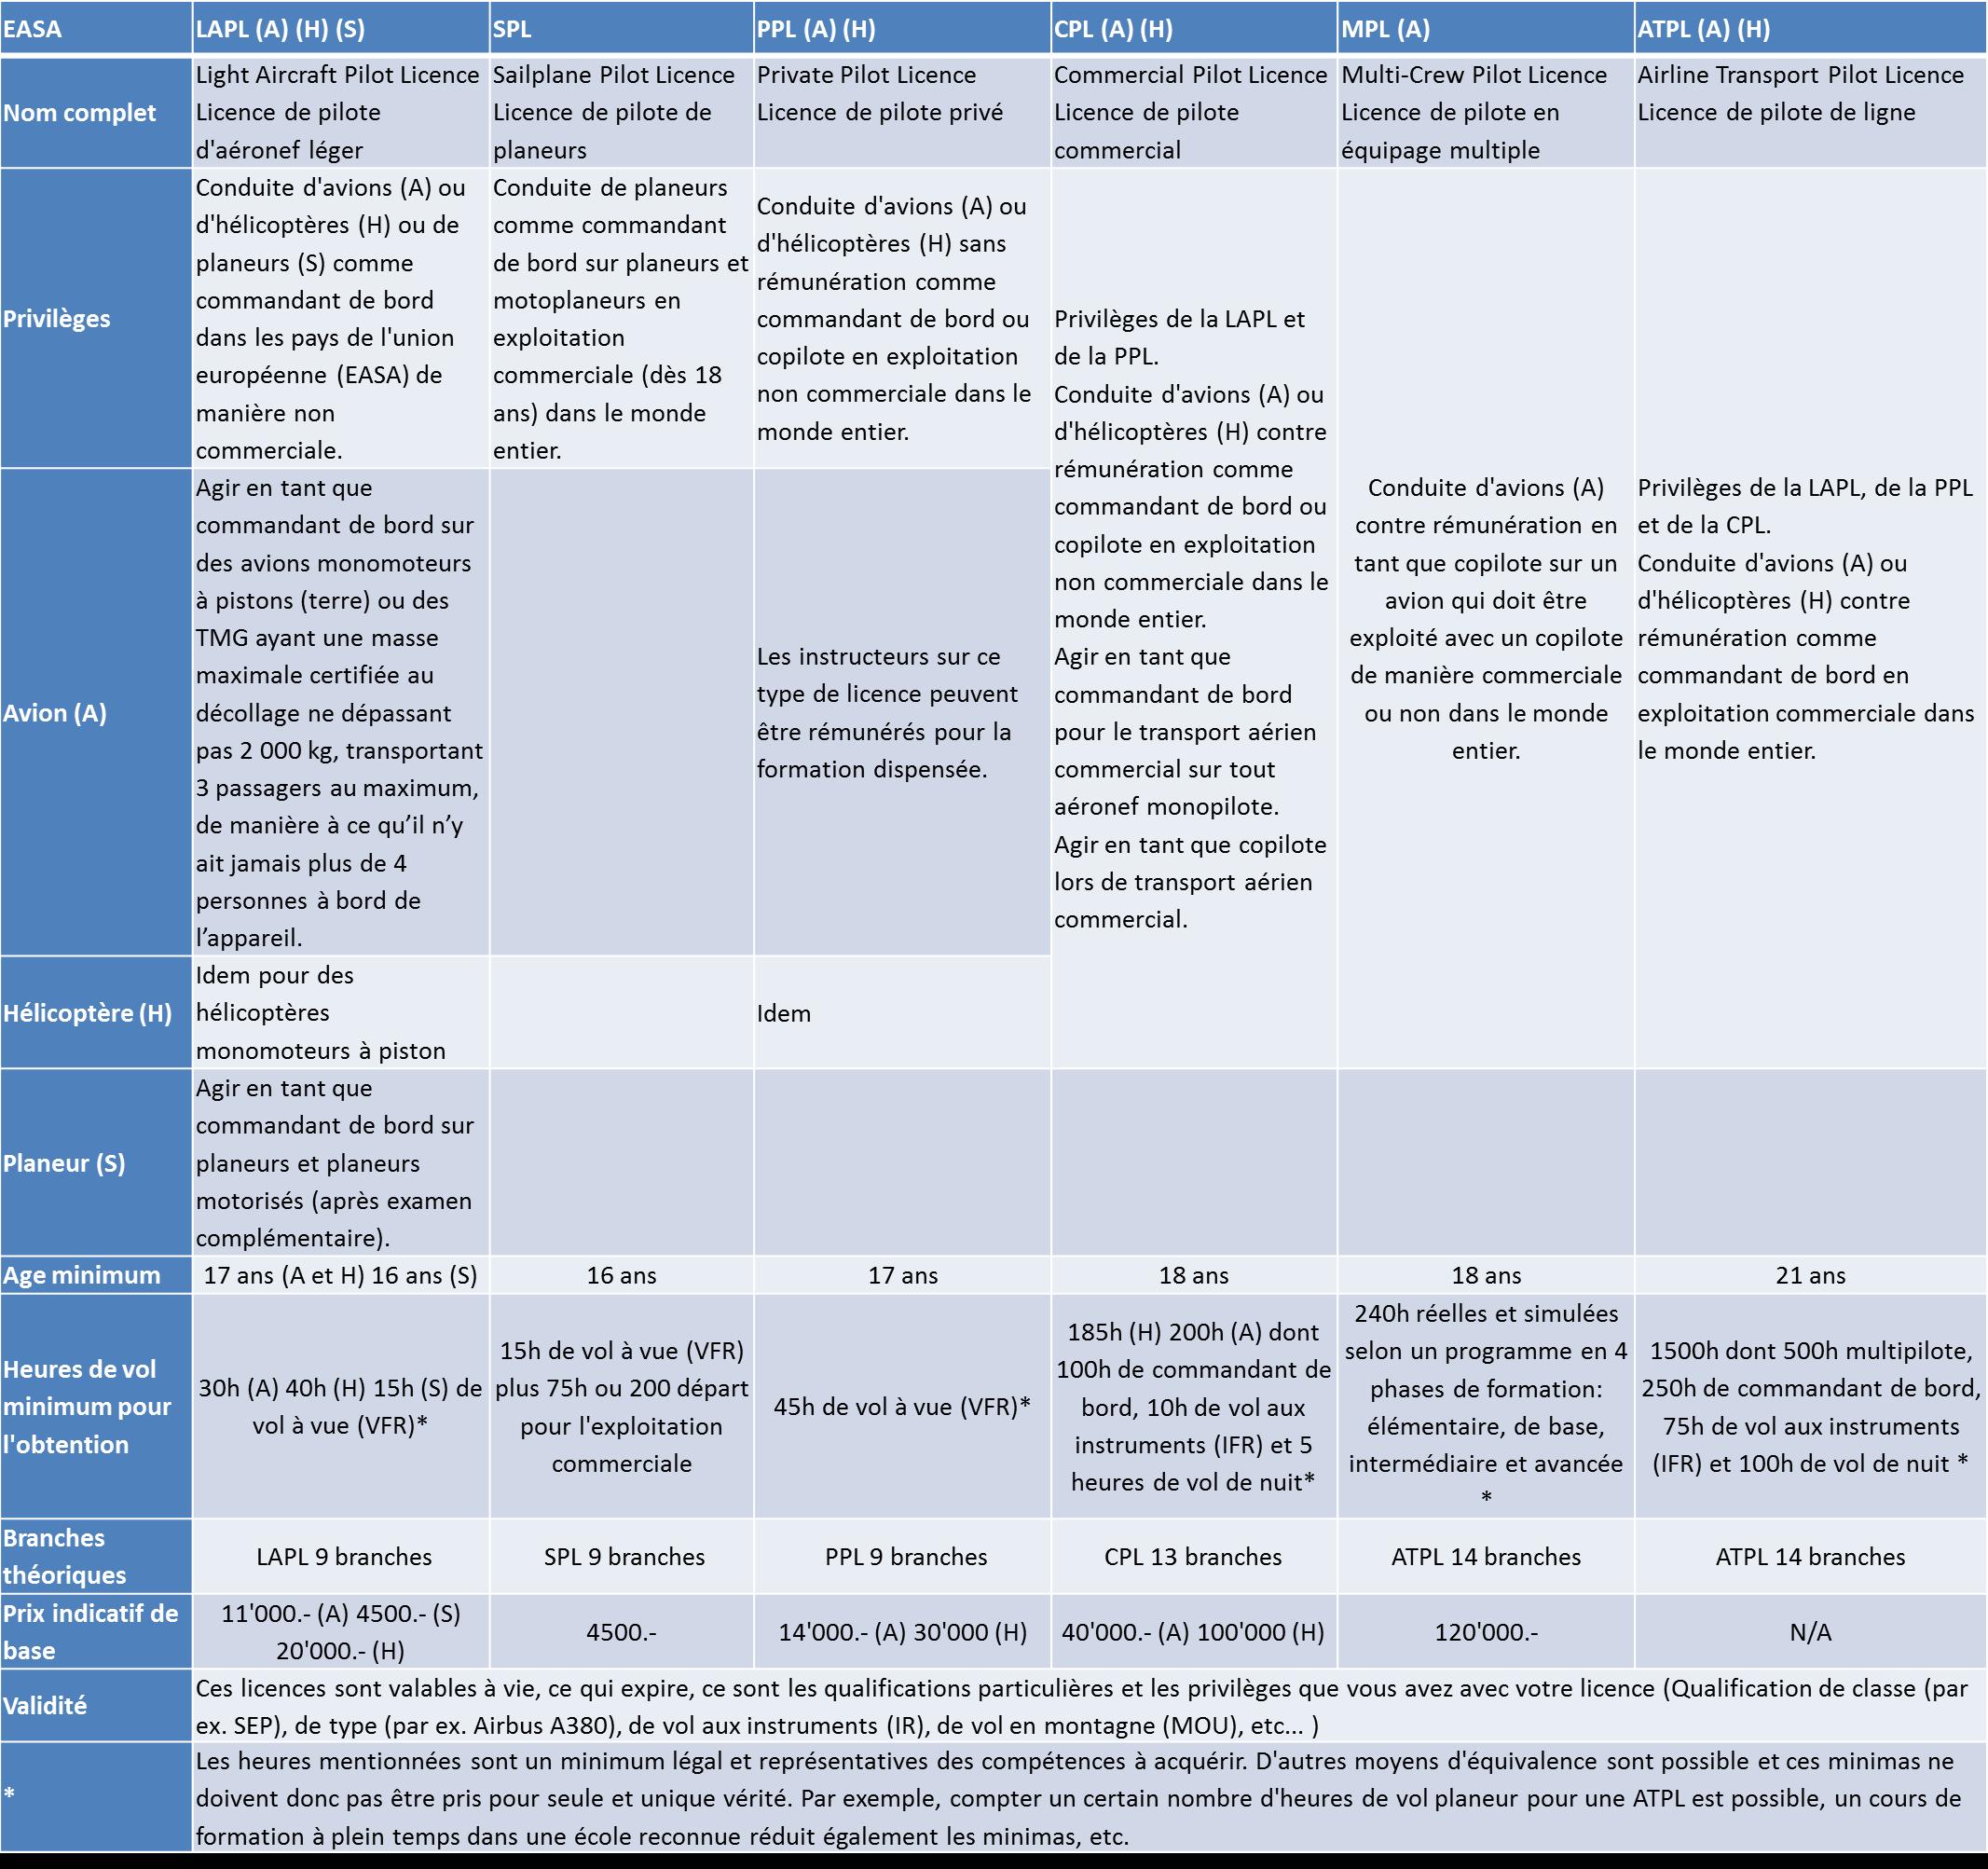 Liste des licences